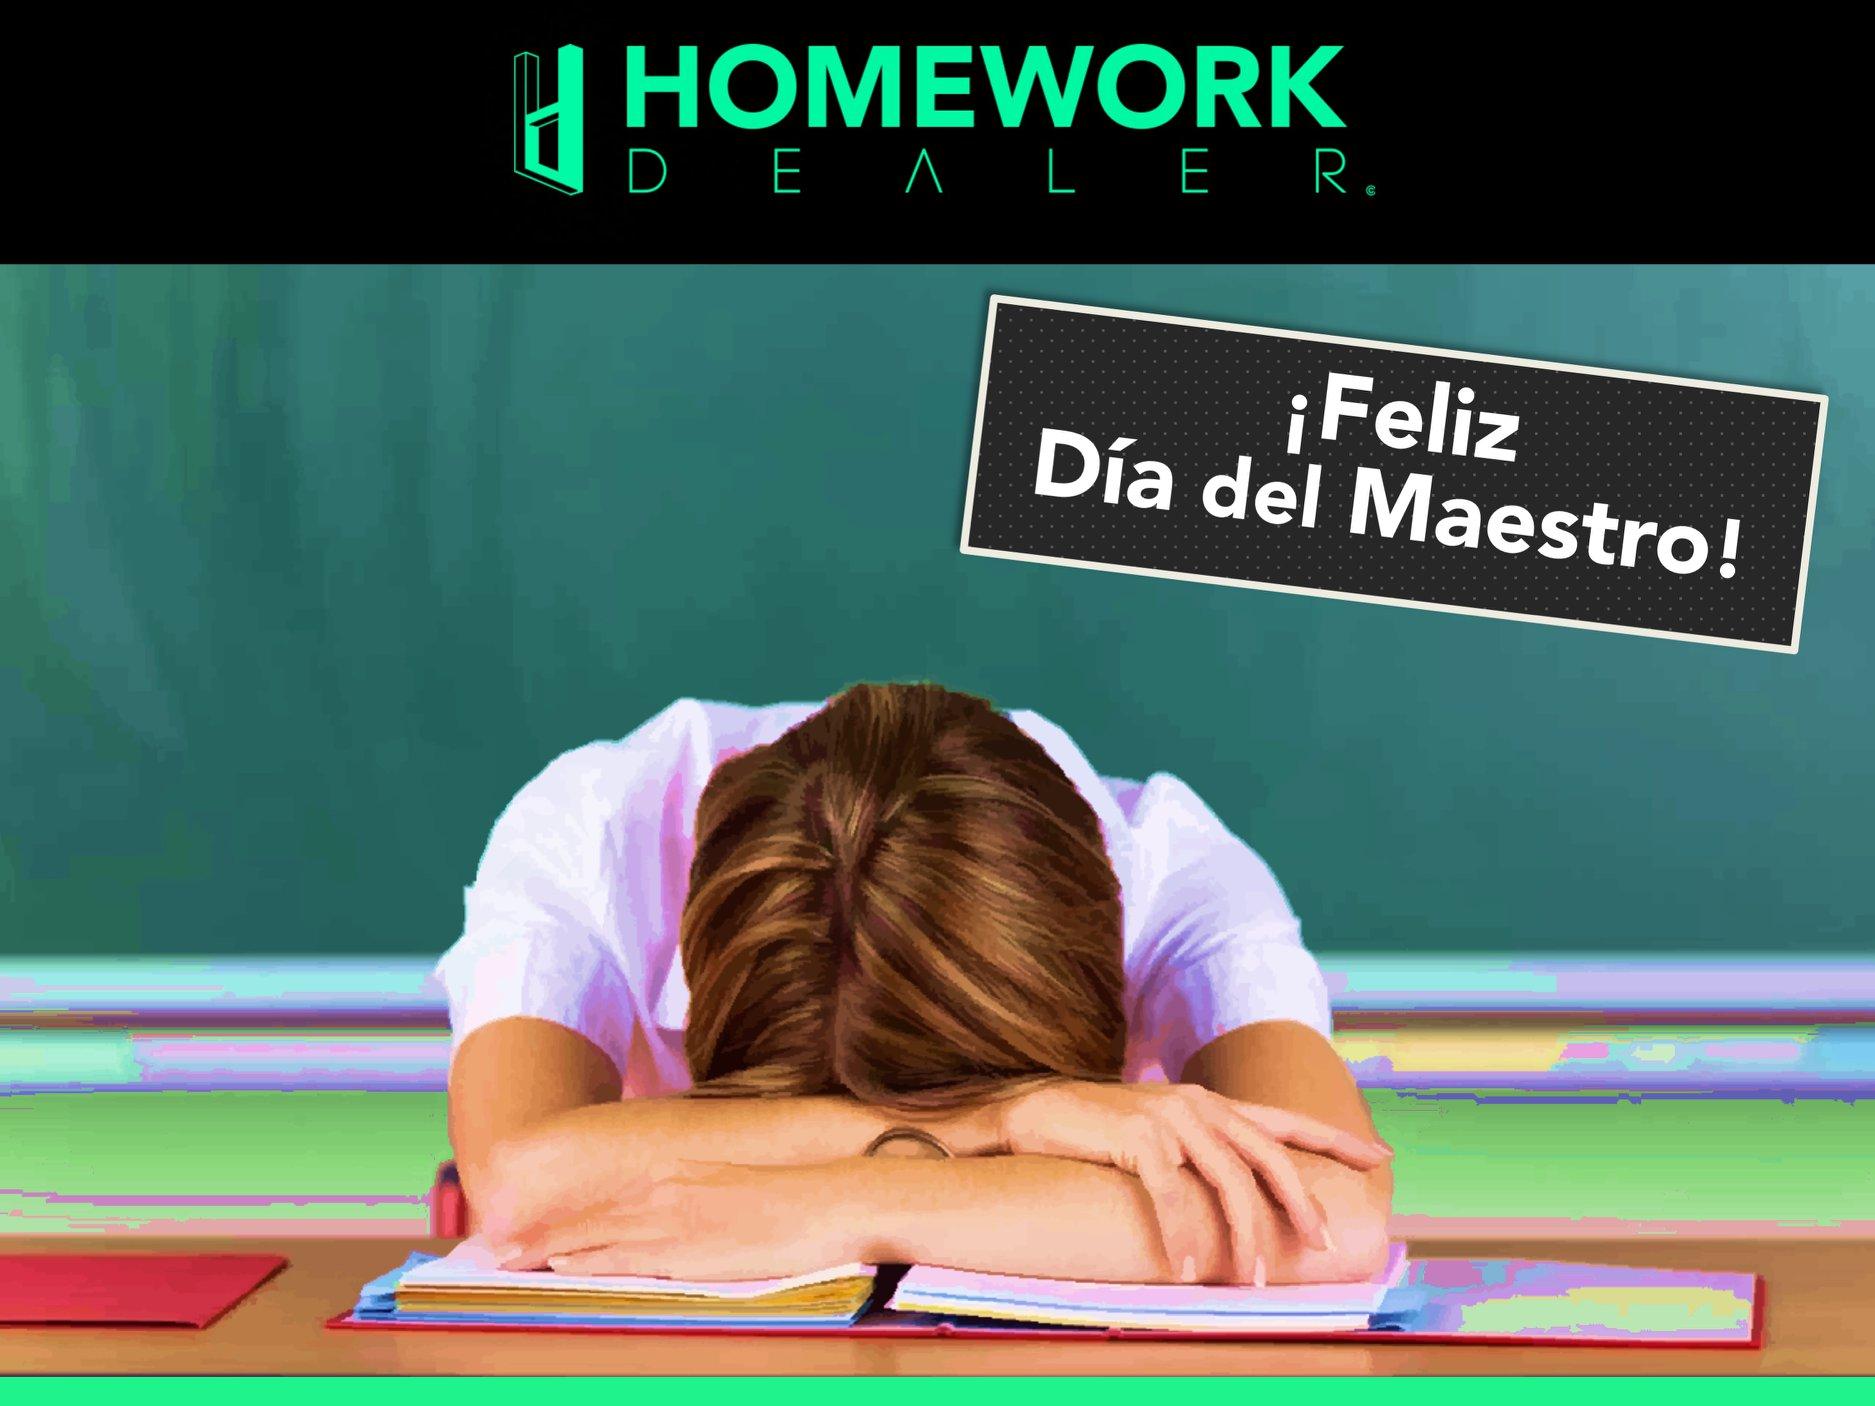 Homework dealer en Shark Tank México